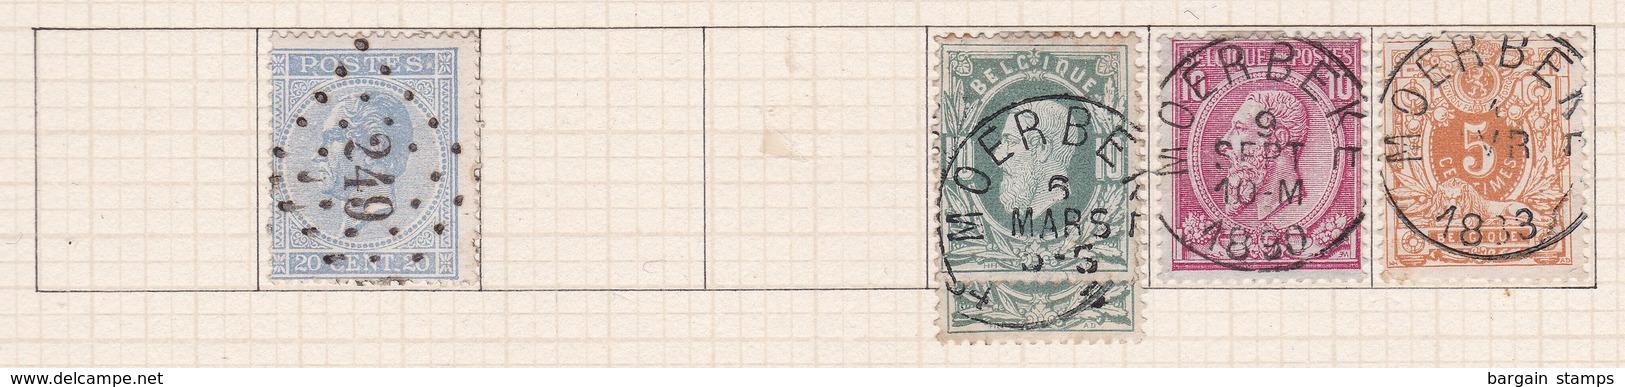 Belgique COB 18 30(x2) 46 28 Oblitérés Moerbeke - Belgique